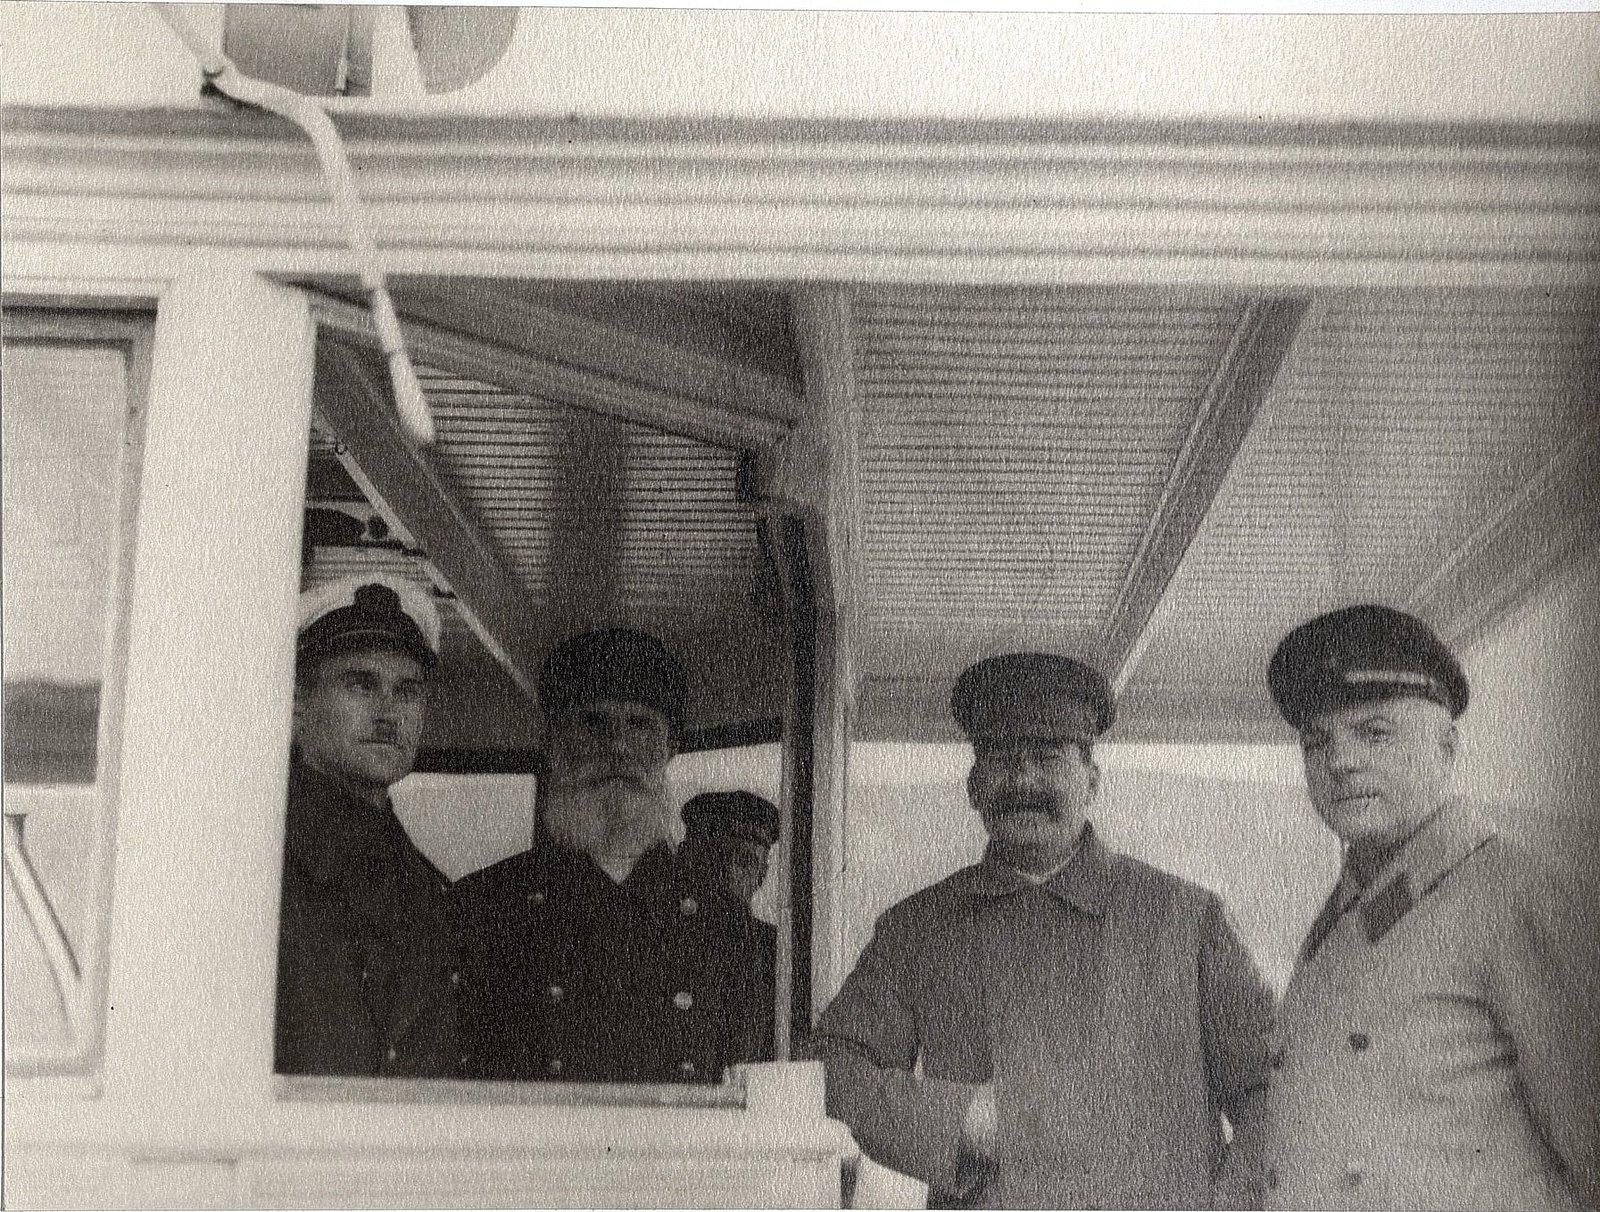 33. И.В. Сталин, К.Е. Ворошилов. Слева представители команды теплохода. Август 1933